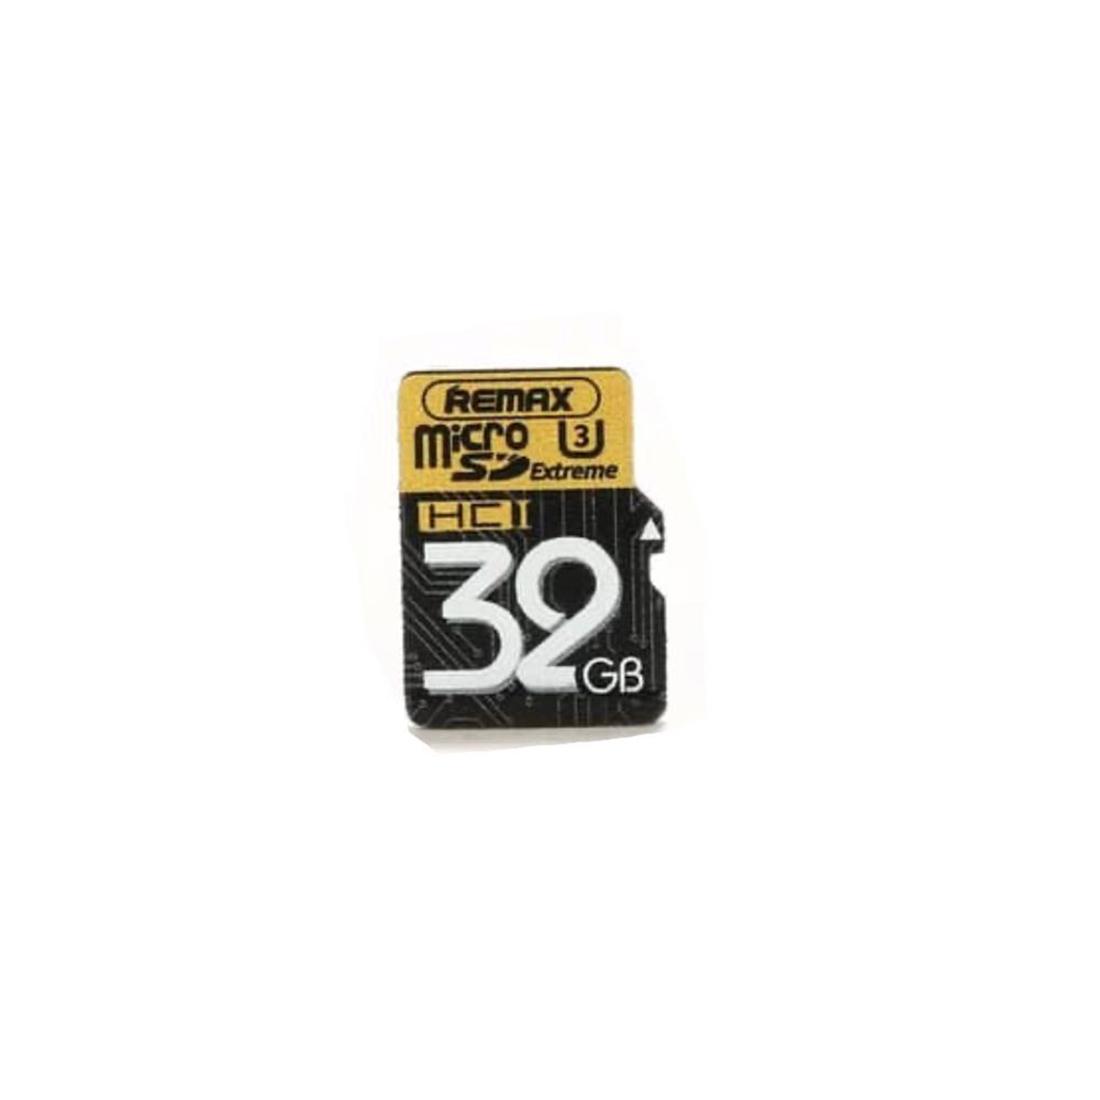 کارت حافظه microSDHC ریمکس مدل EXTREME کلاس 10 استاندارد UHS-3 U3 سرعت 80MBps ظرفیت 32 گیگابایت به همراه آداپتور SD